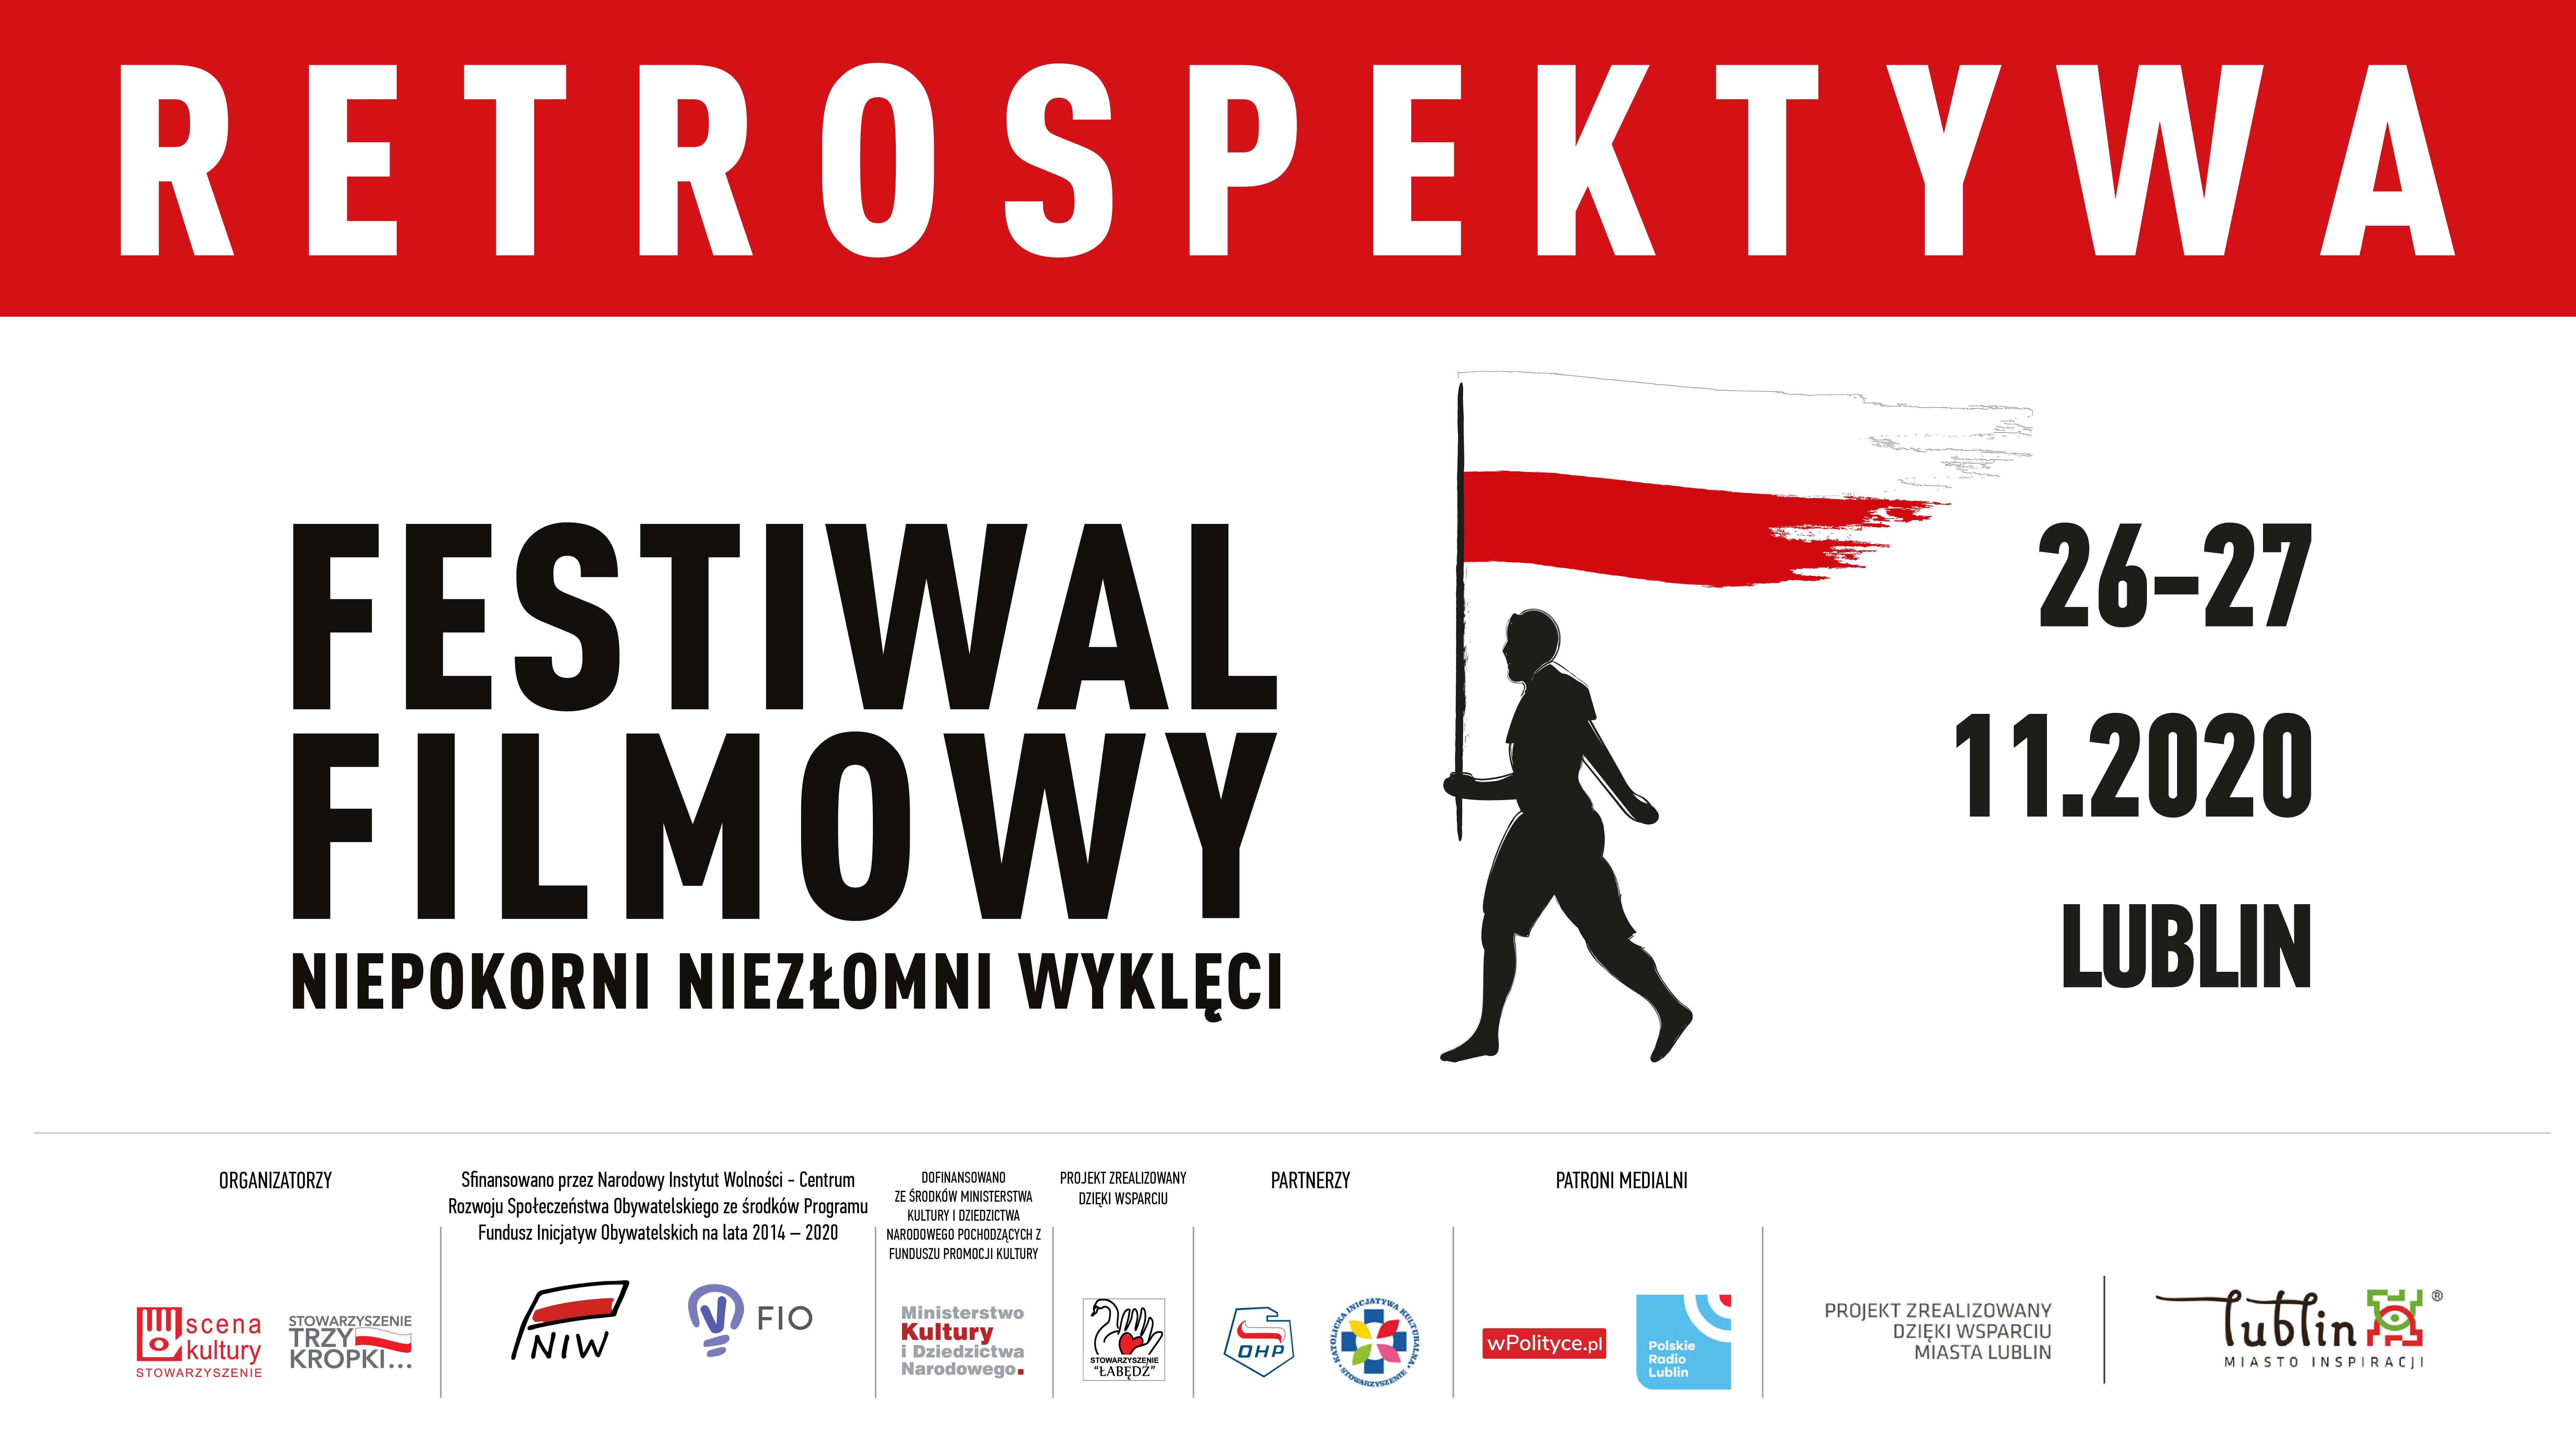 http://trzykropki.org.pl/wp-content/uploads/2020/11/hd-Lublin-01-8000x4500.jpg